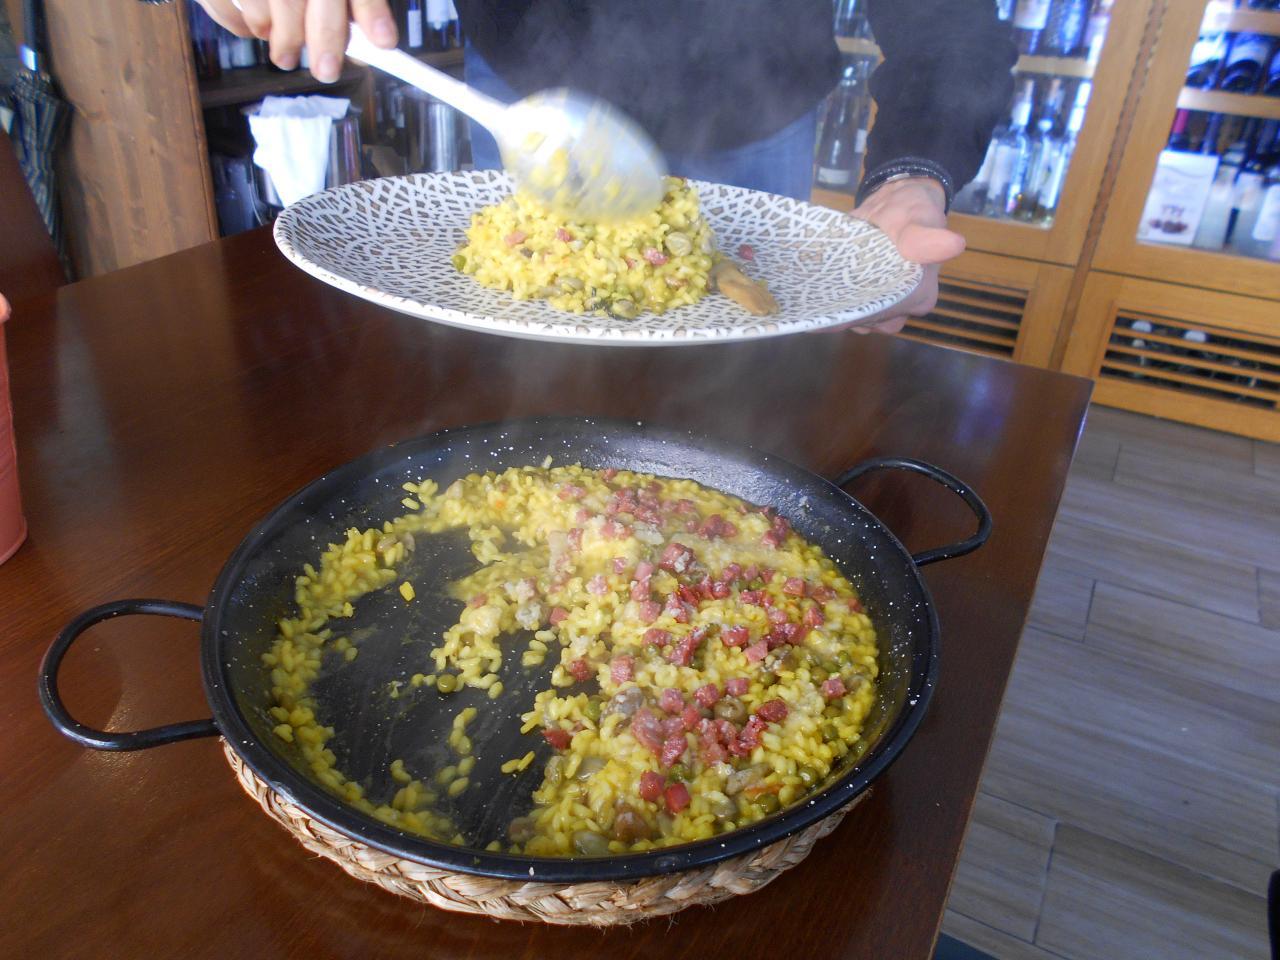 Michele did his risi e bisi in a paella pan